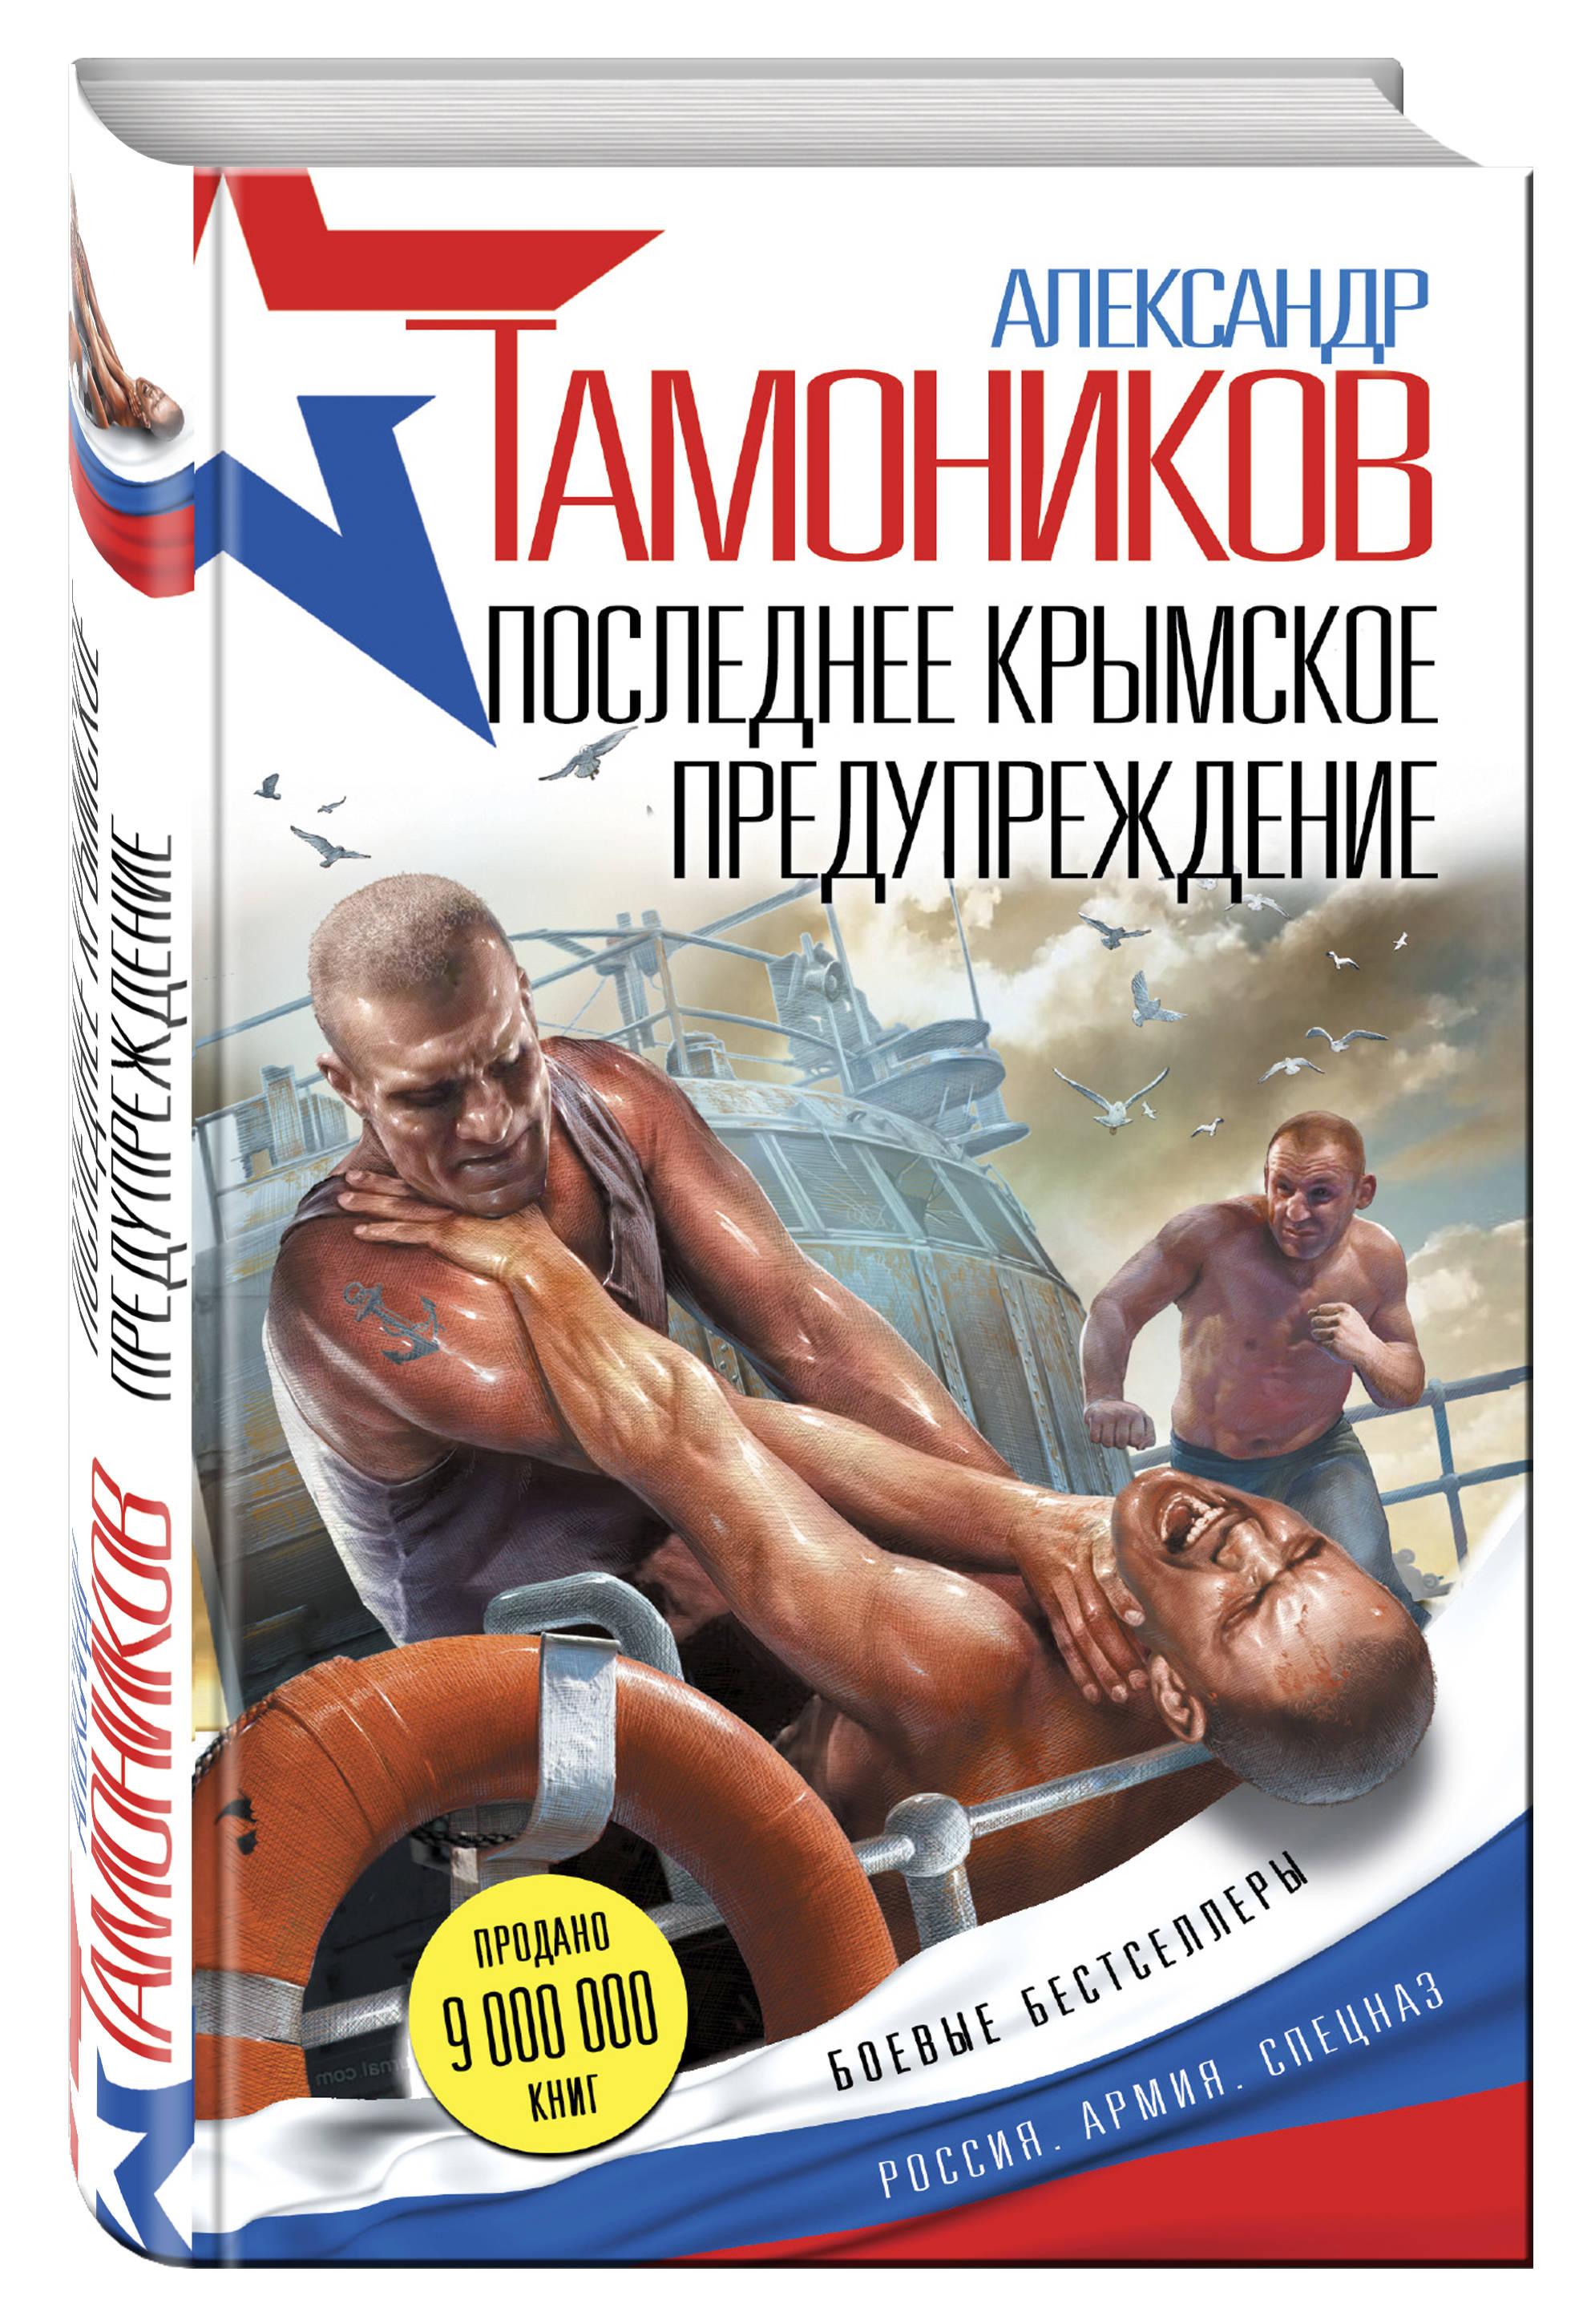 Тамоников А.А. Последнее крымское предупреждение